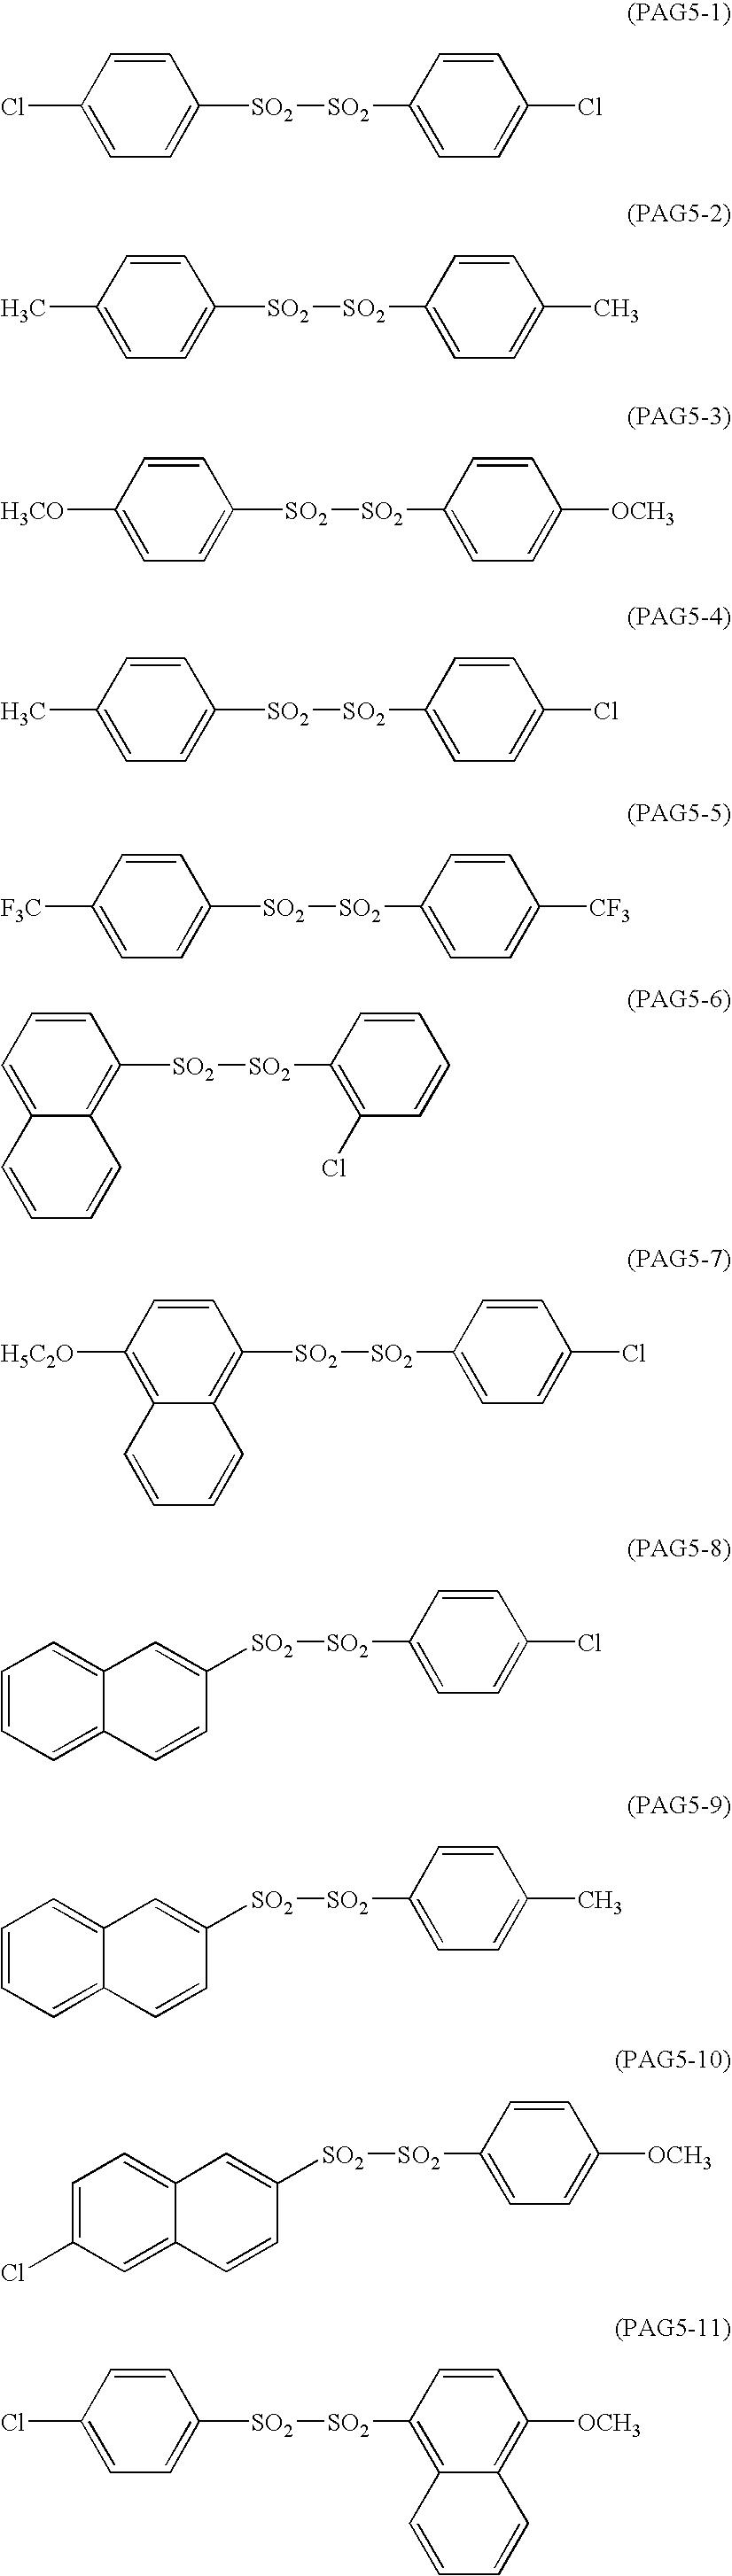 Figure US20070003871A1-20070104-C00033